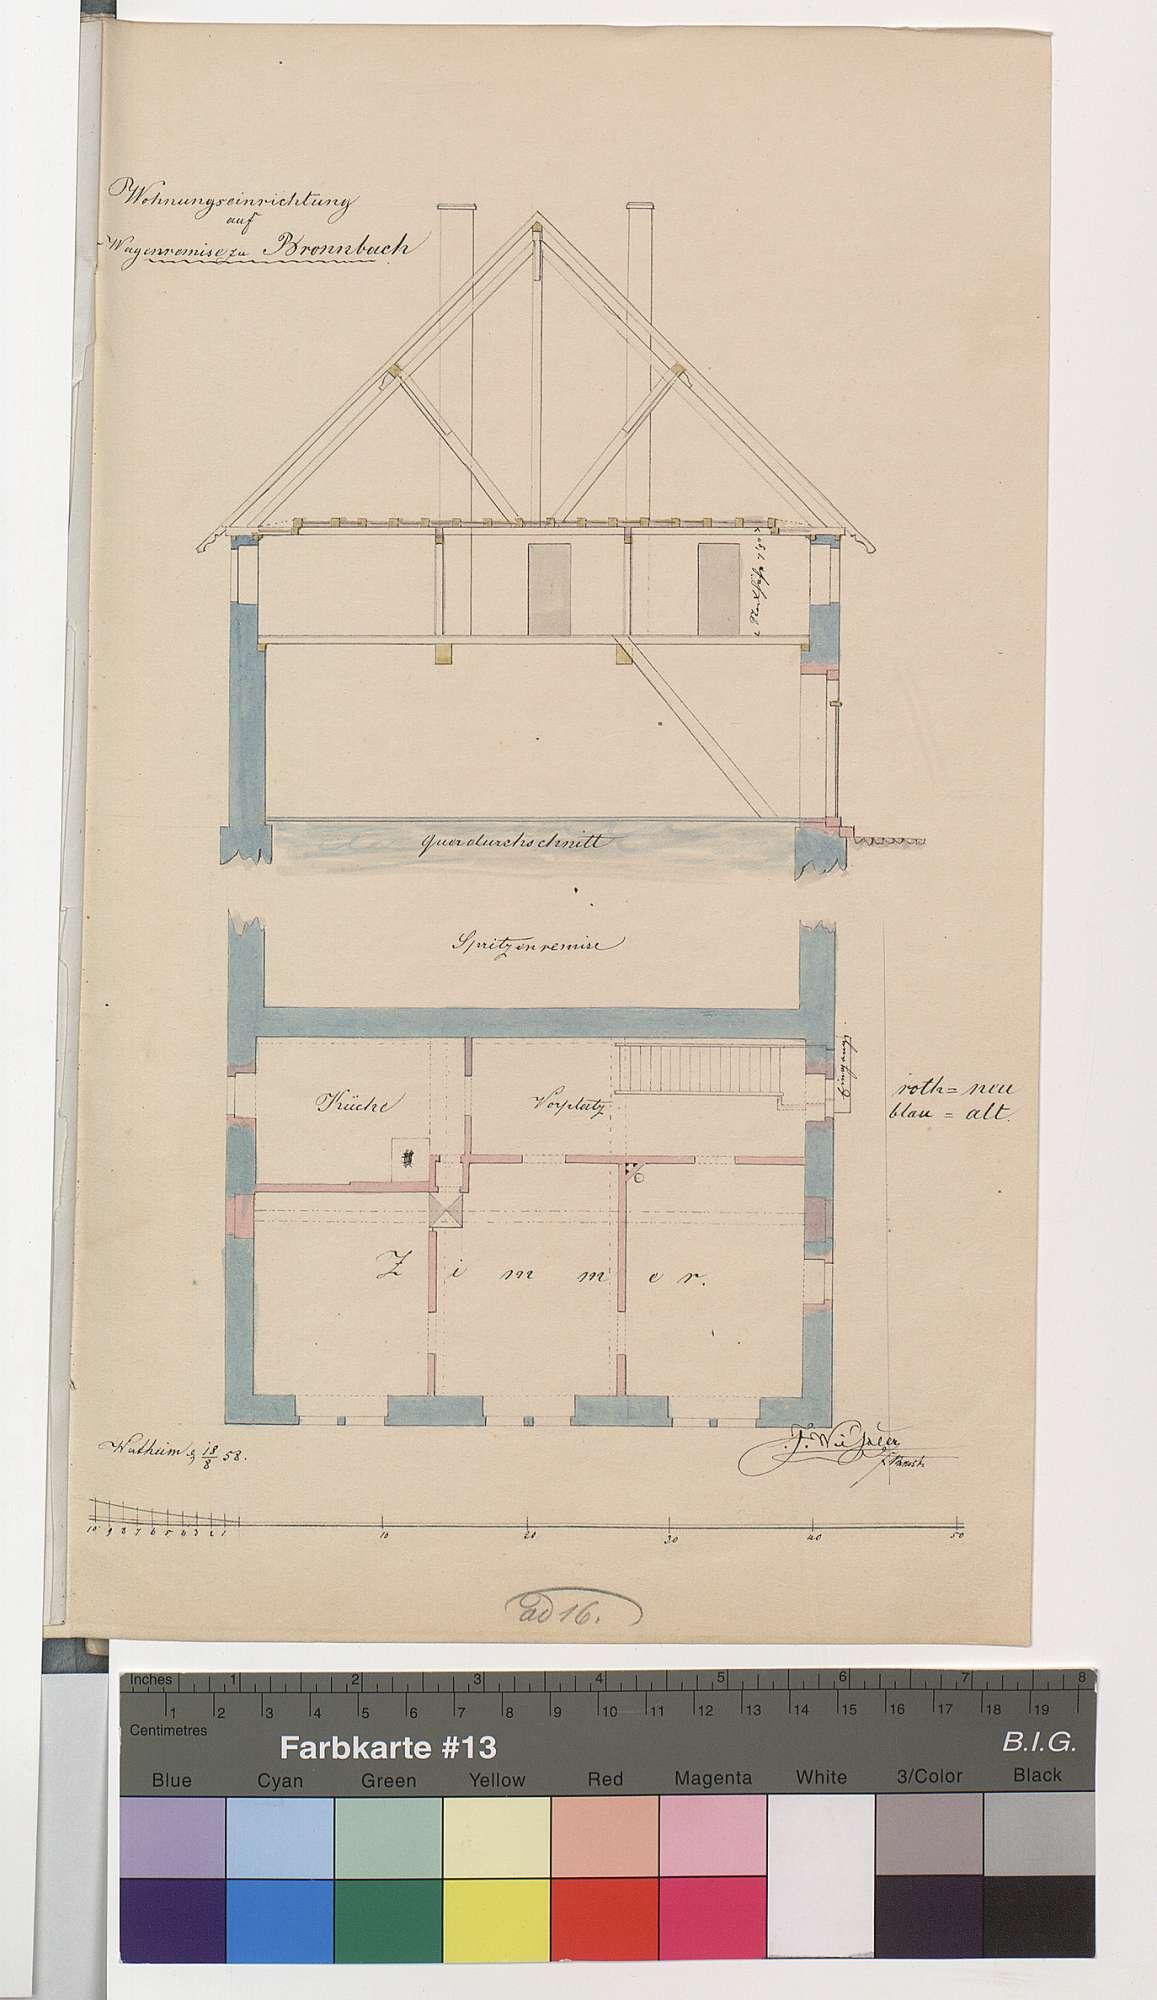 Wohnungseinrichtung auf der Wagenremise zu Bronnbach, Bild 1